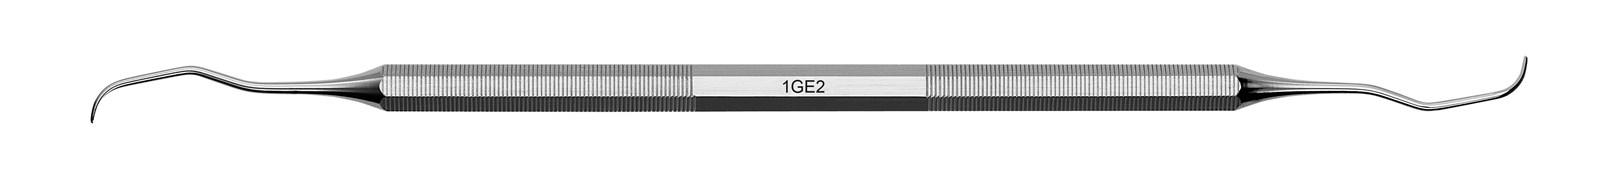 Kyreta Gracey Classic - 1GE2, ADEP silikonový návlek tmavě modrý